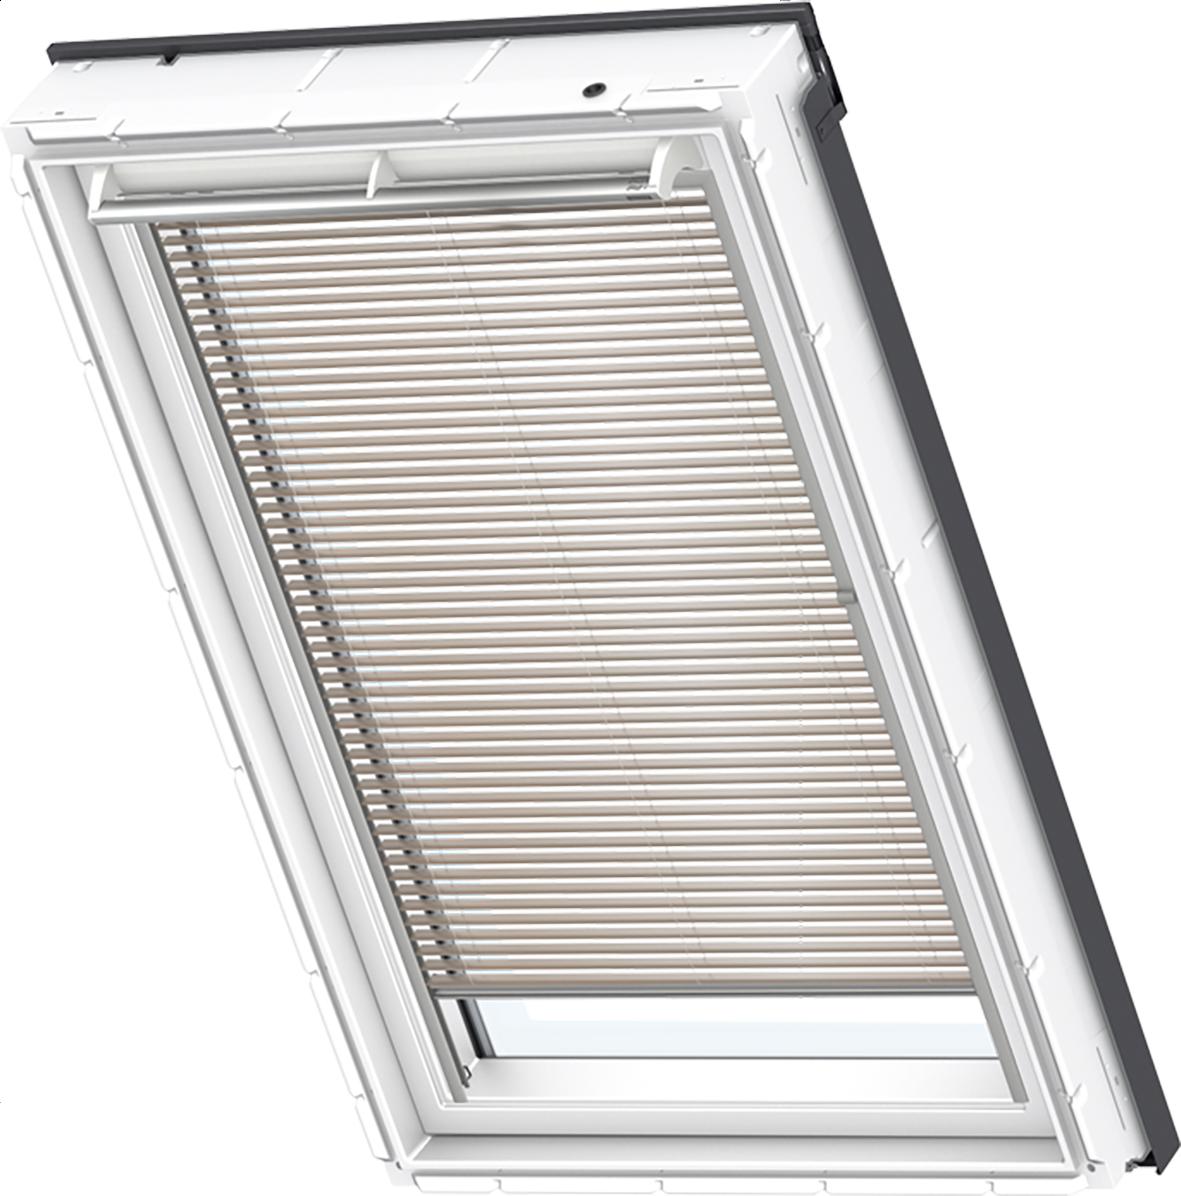 Original Original Original VELUX Dachfenster Jalousie GGU GPU GHU GTU GGL GPL GHL 7059 7055 7056 | Ein Gleichgewicht zwischen Zähigkeit und Härte  4f8b90